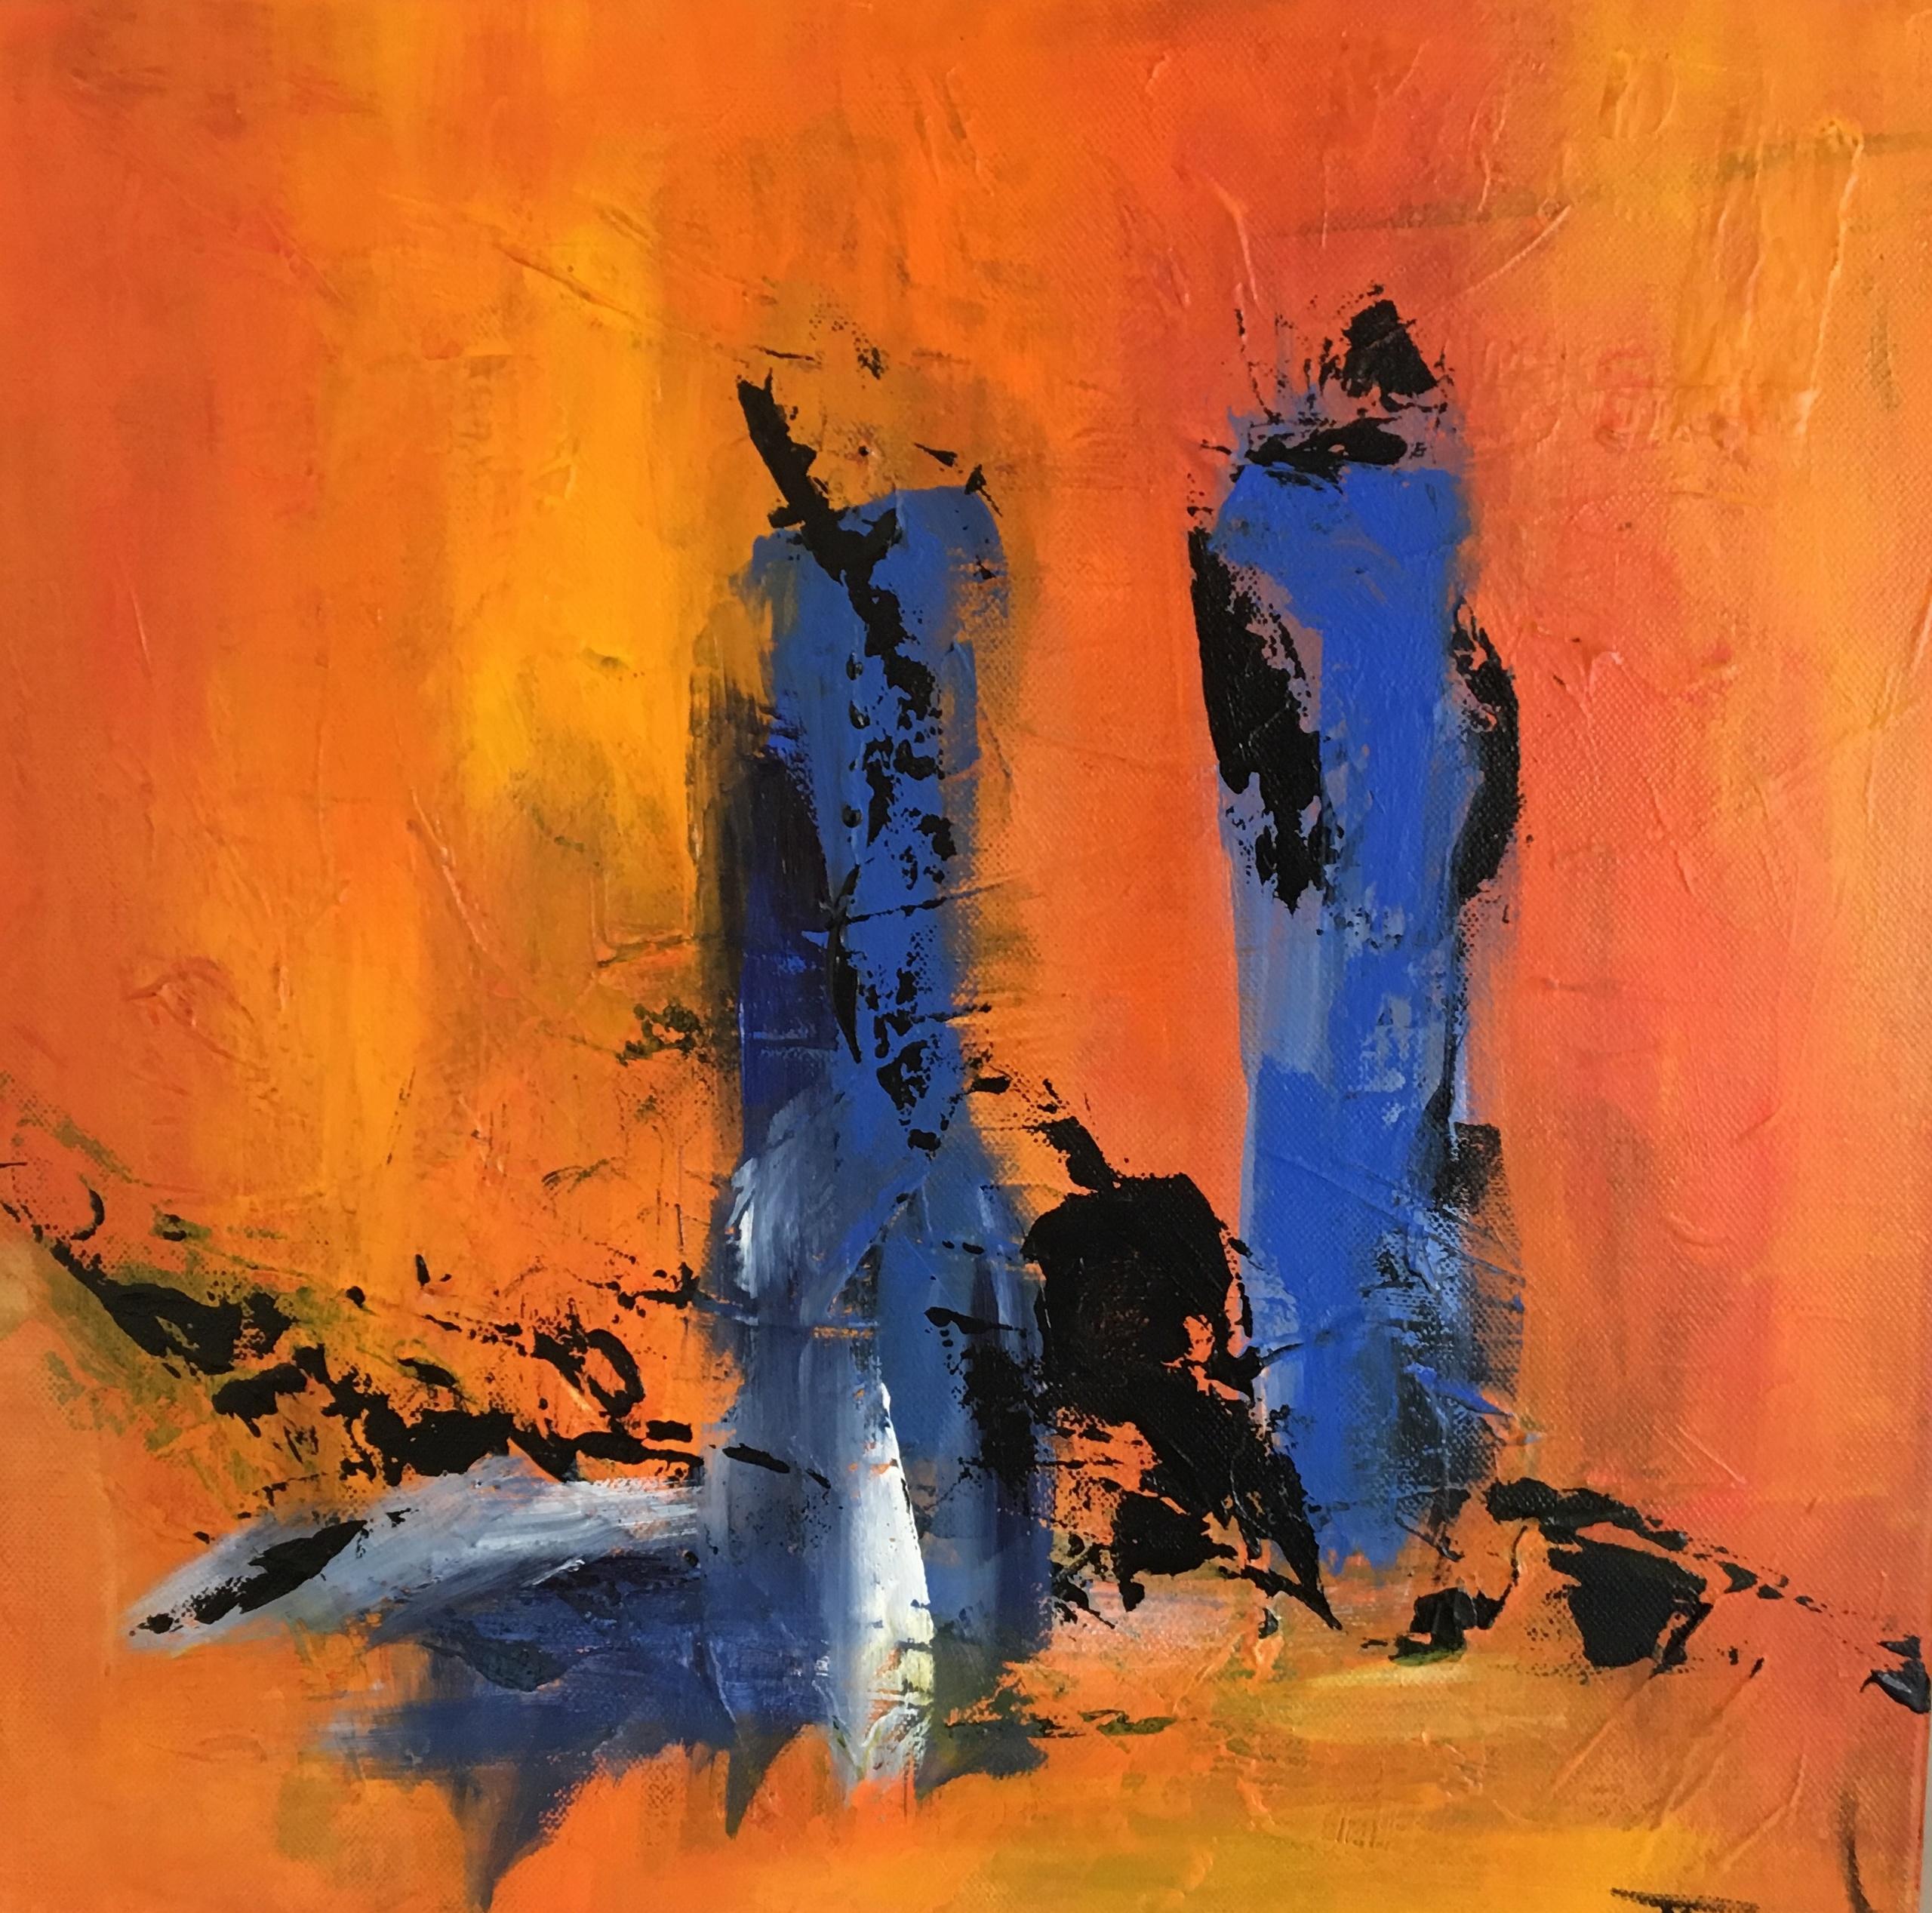 Jeg har malet en skøn lille serie på fire malerier, der hænger sammen som en historie, du kan se dem alle under store og små malerier.